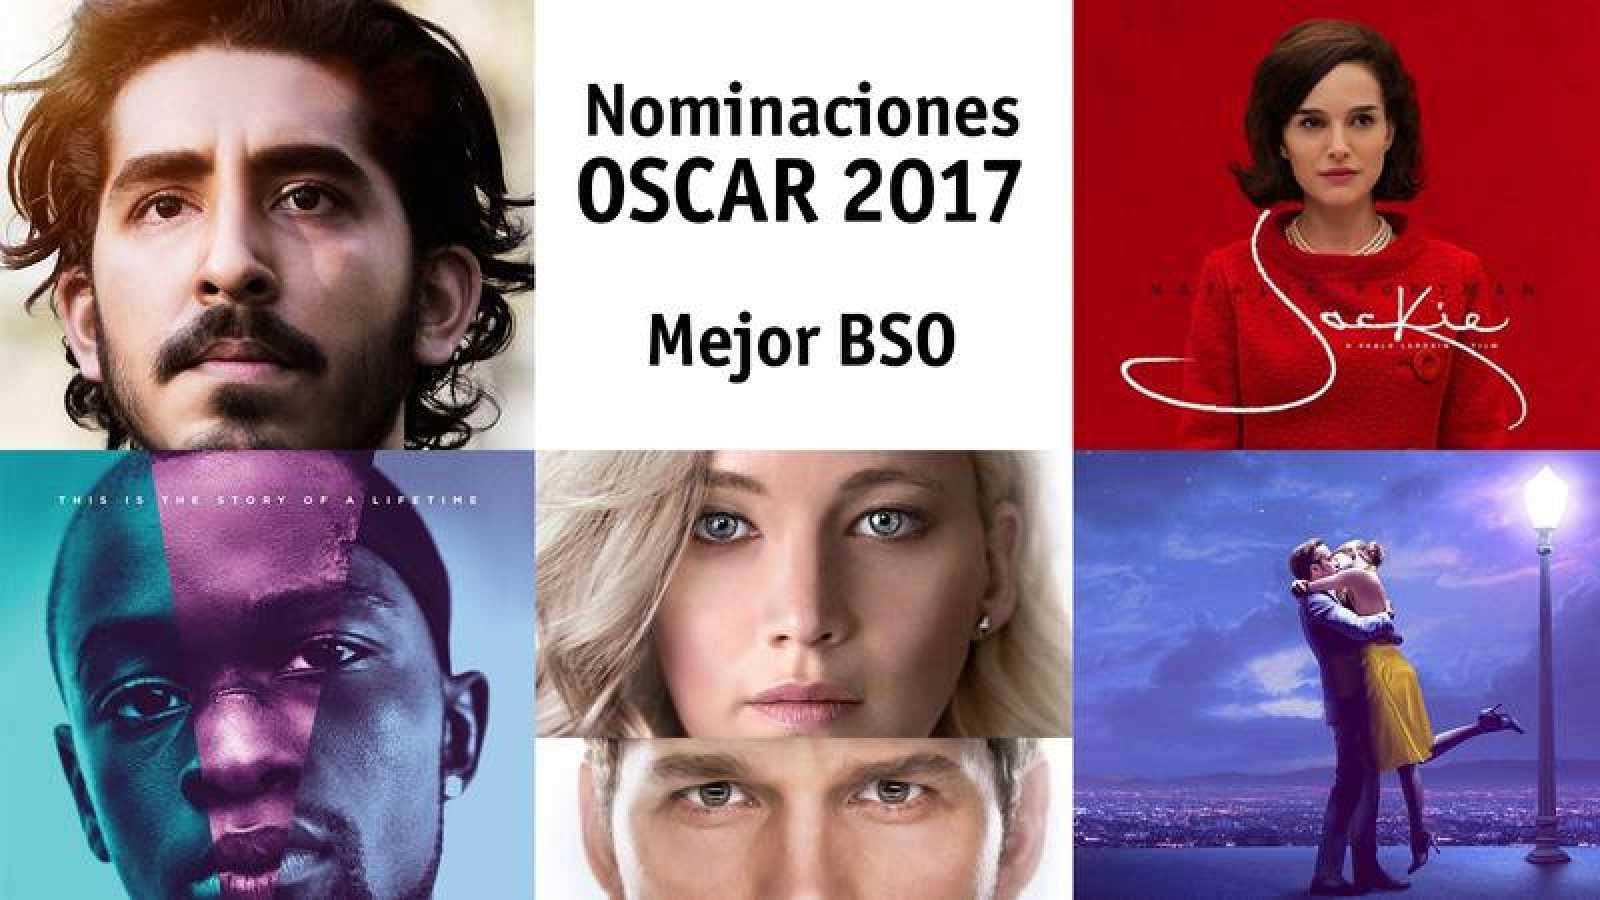 Interactivo Oscar 2017 - Nominados a Mejor Banda Sonora